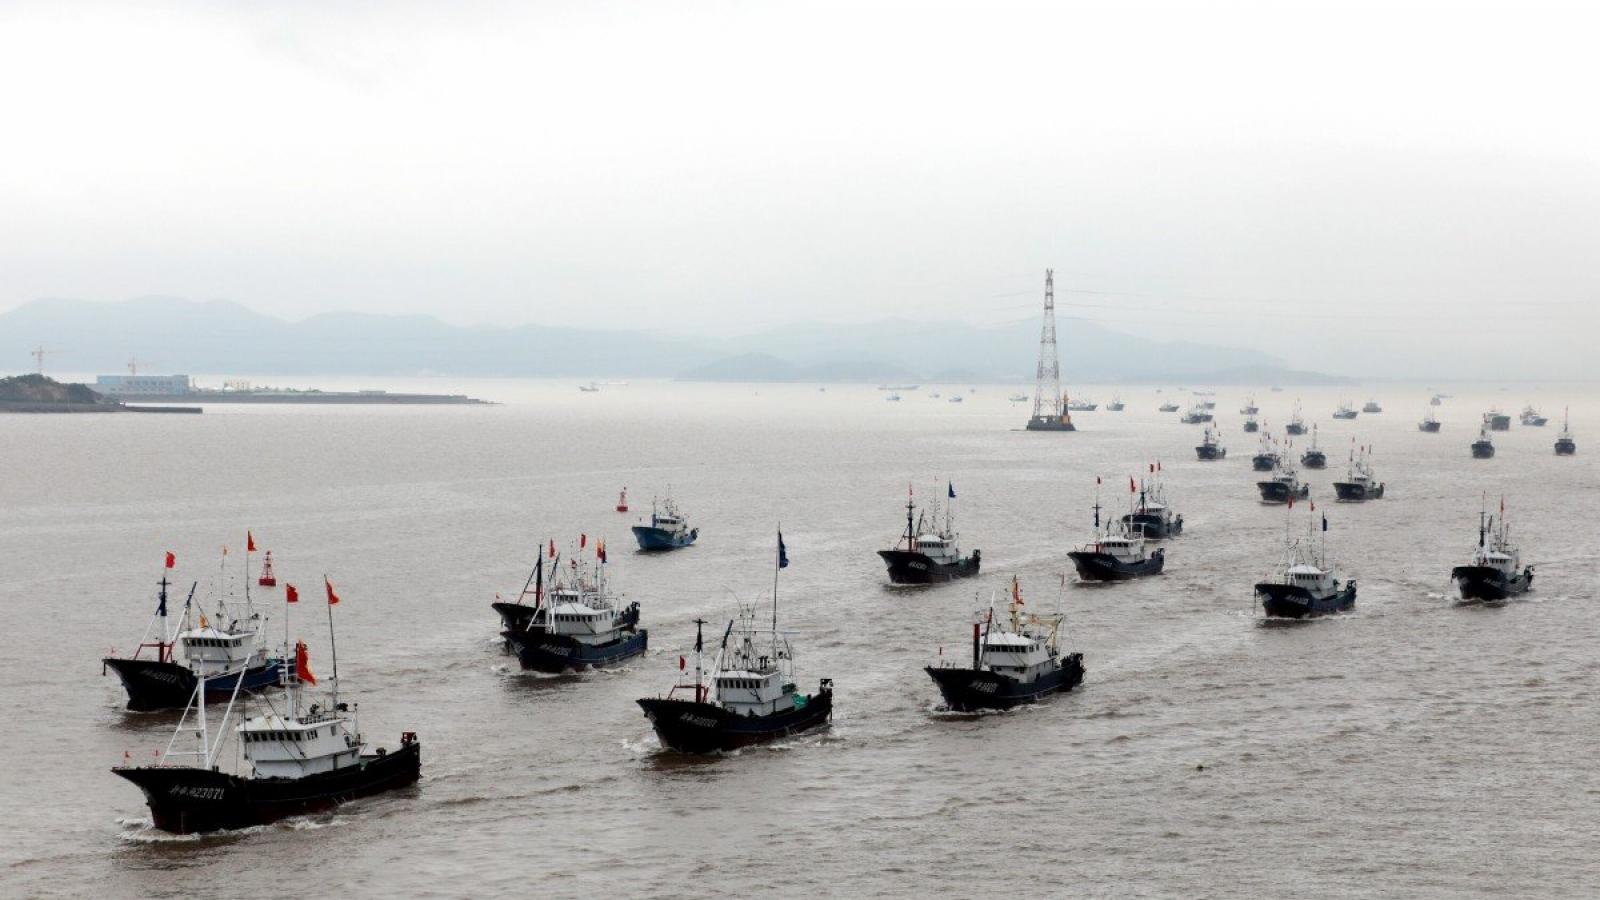 Căng thẳng Biển Hoa Đông, Nhật Bản thắt chặt liên minh với Mỹ chống Trung Quốc?